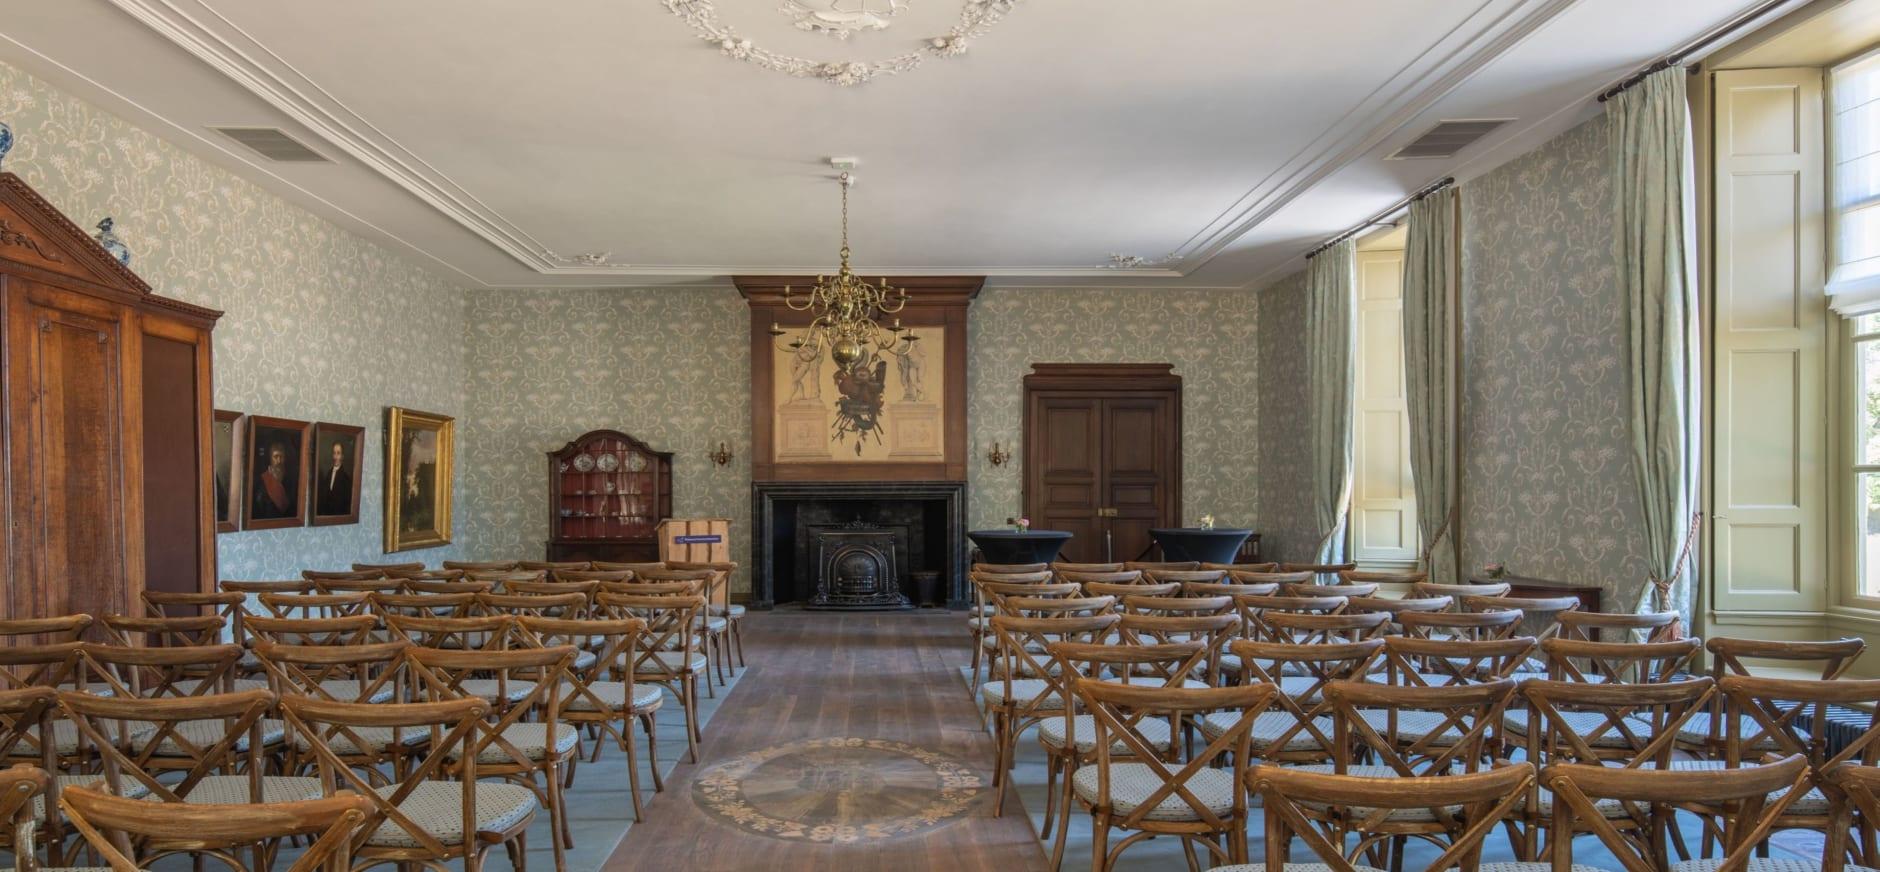 De prachtig gerestaureerde grote zaal in kasteel Hackfort/ Fotograaf Verlaan en Bouwstra Architecten